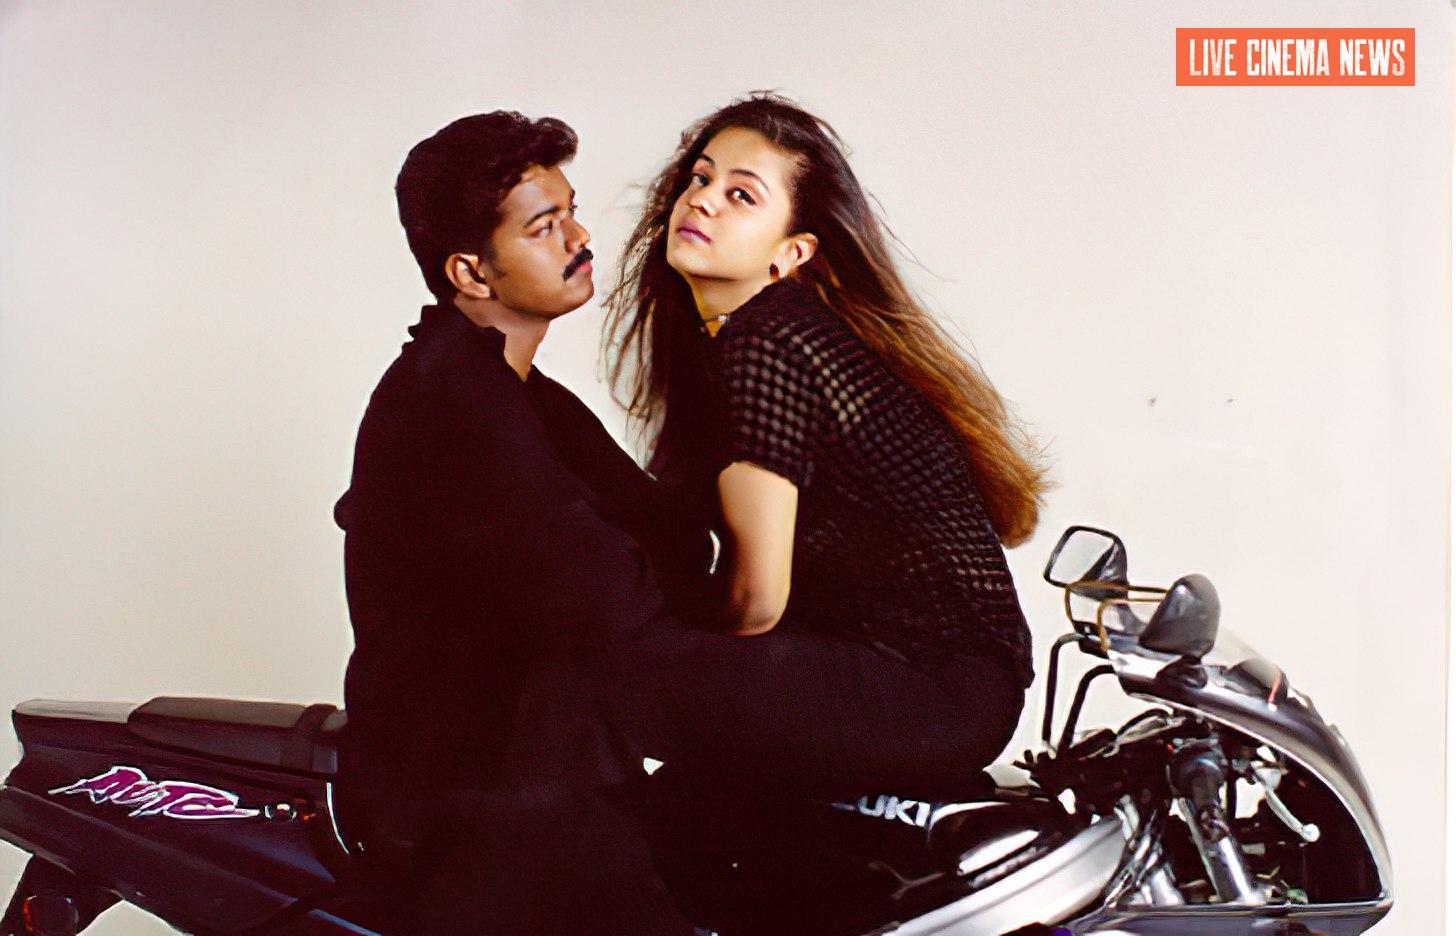 குஷி திரைப்படத்தில் விஜய் ஜோதிகா பைக்கில் அமர்ந்திருக்கும் காட்சி